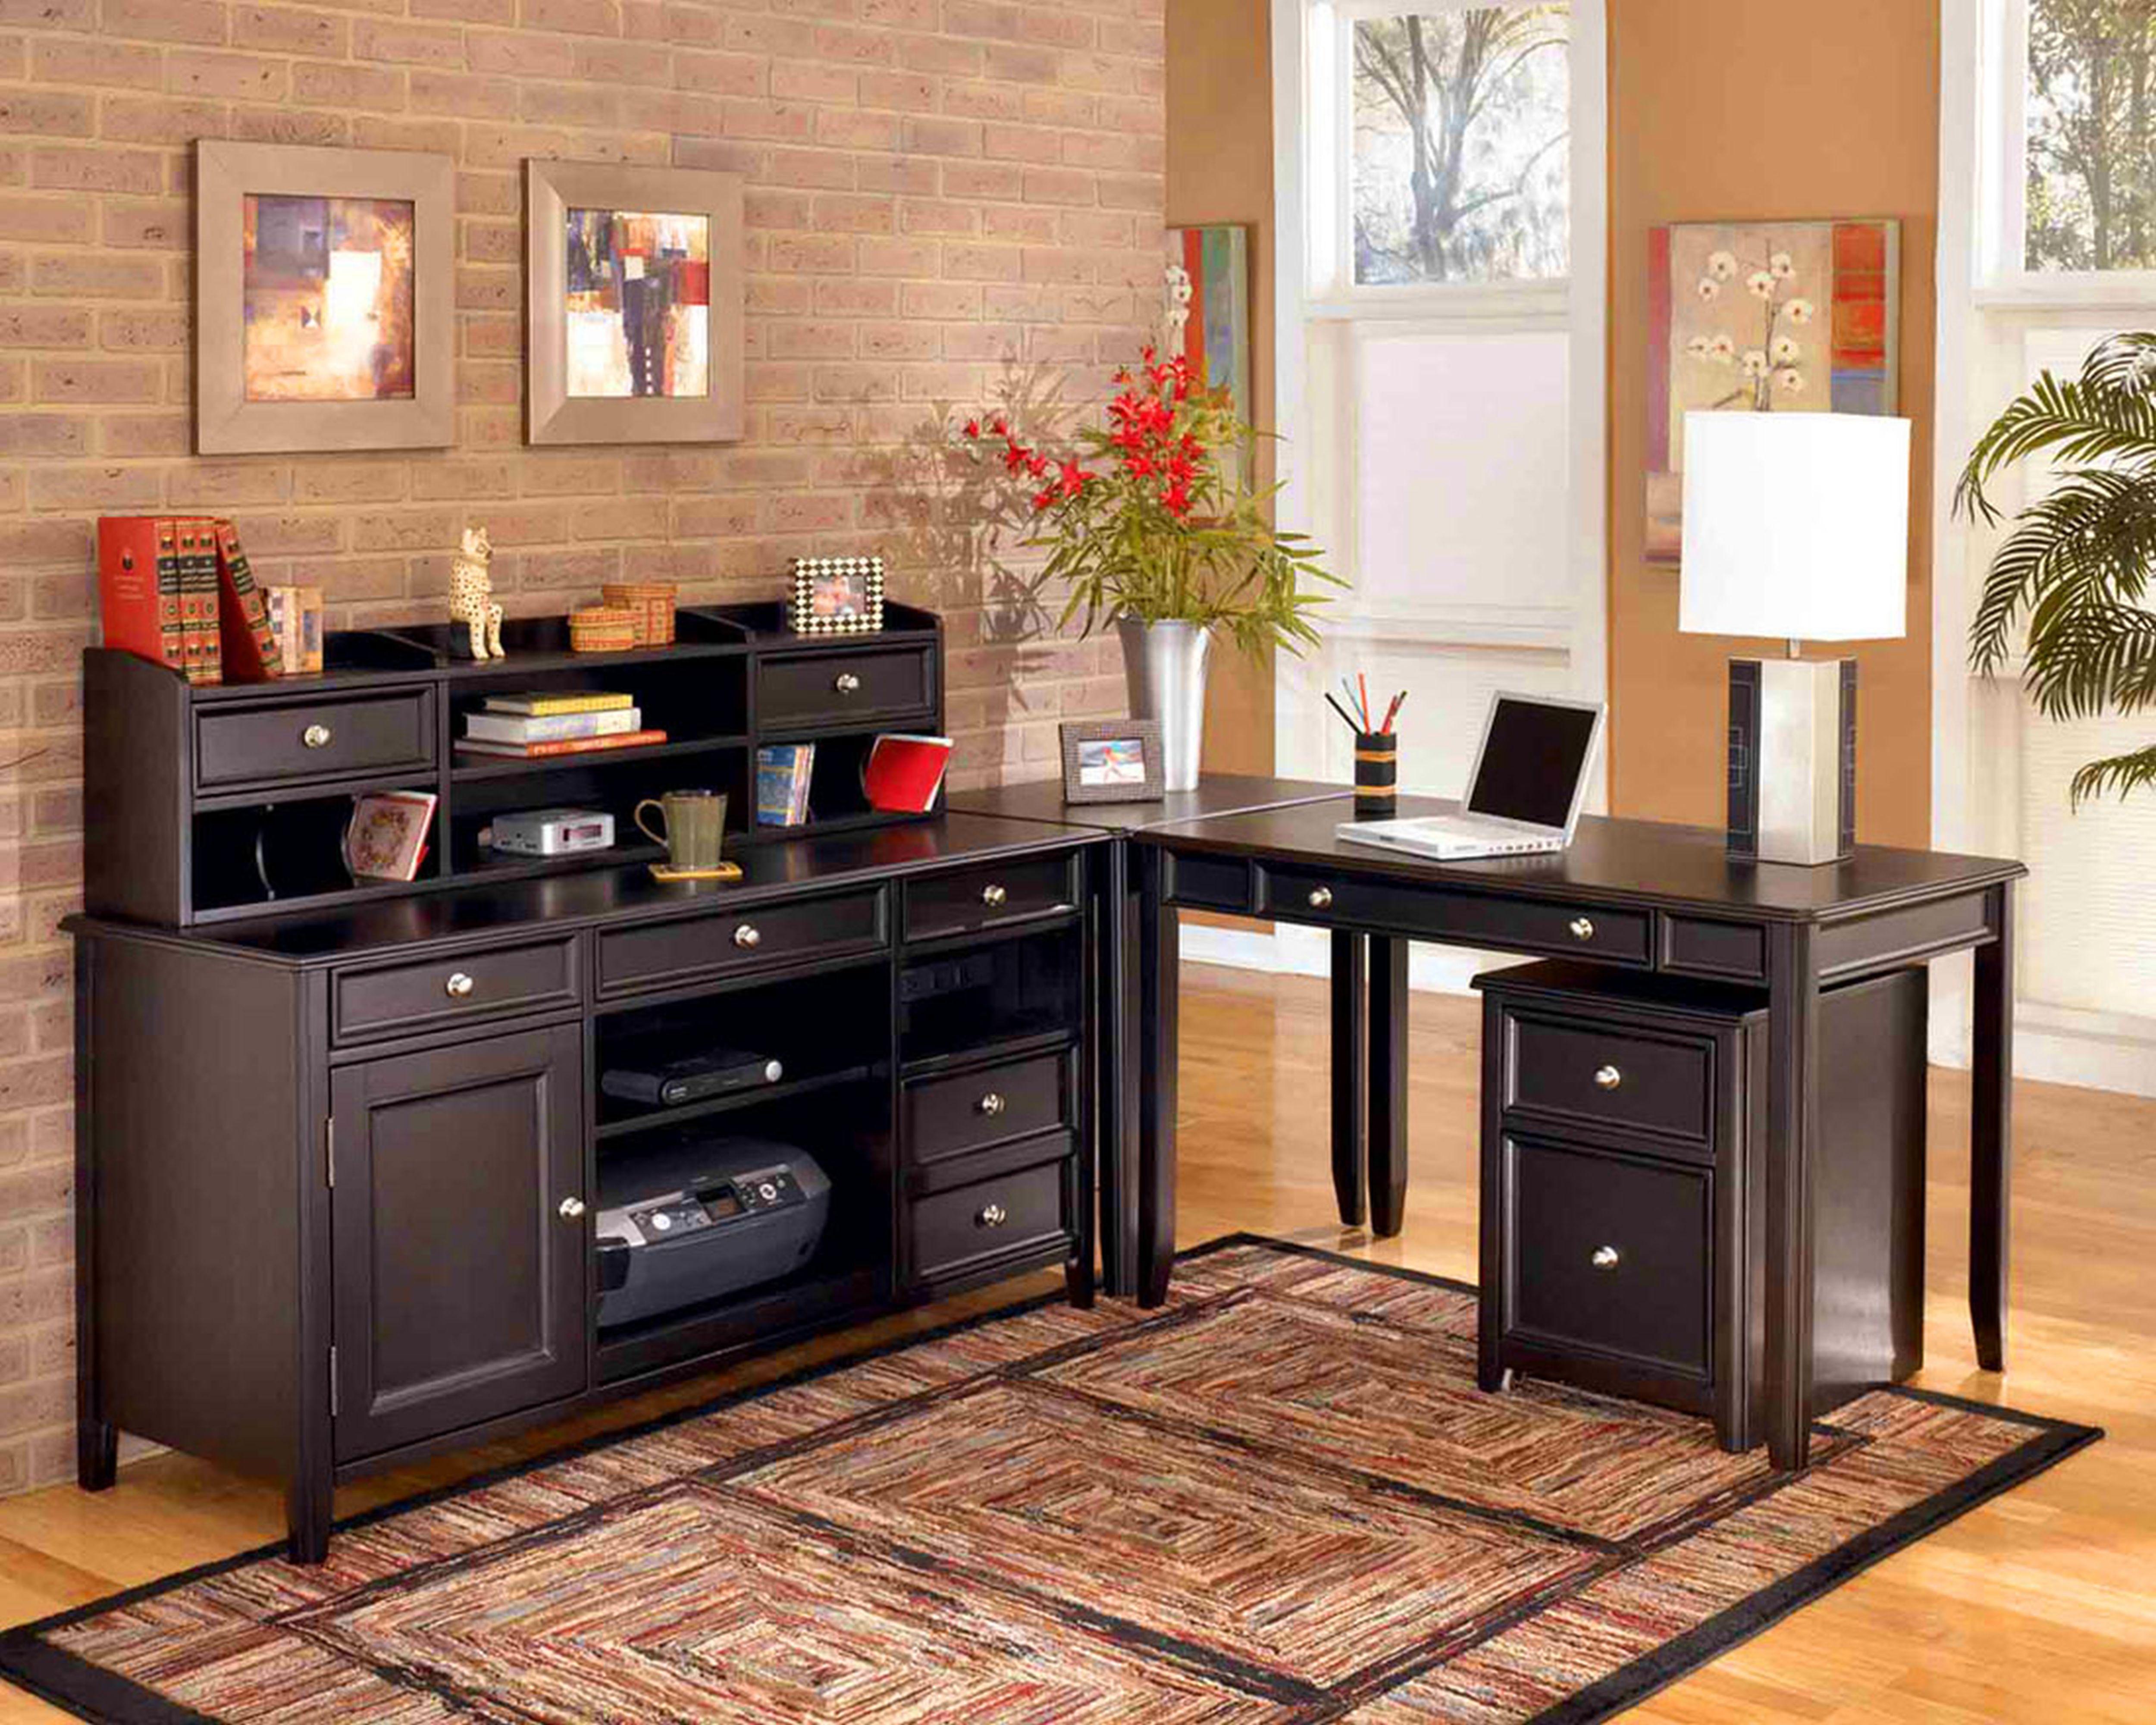 Home Office Decoration Ideas - ACNN DECOR